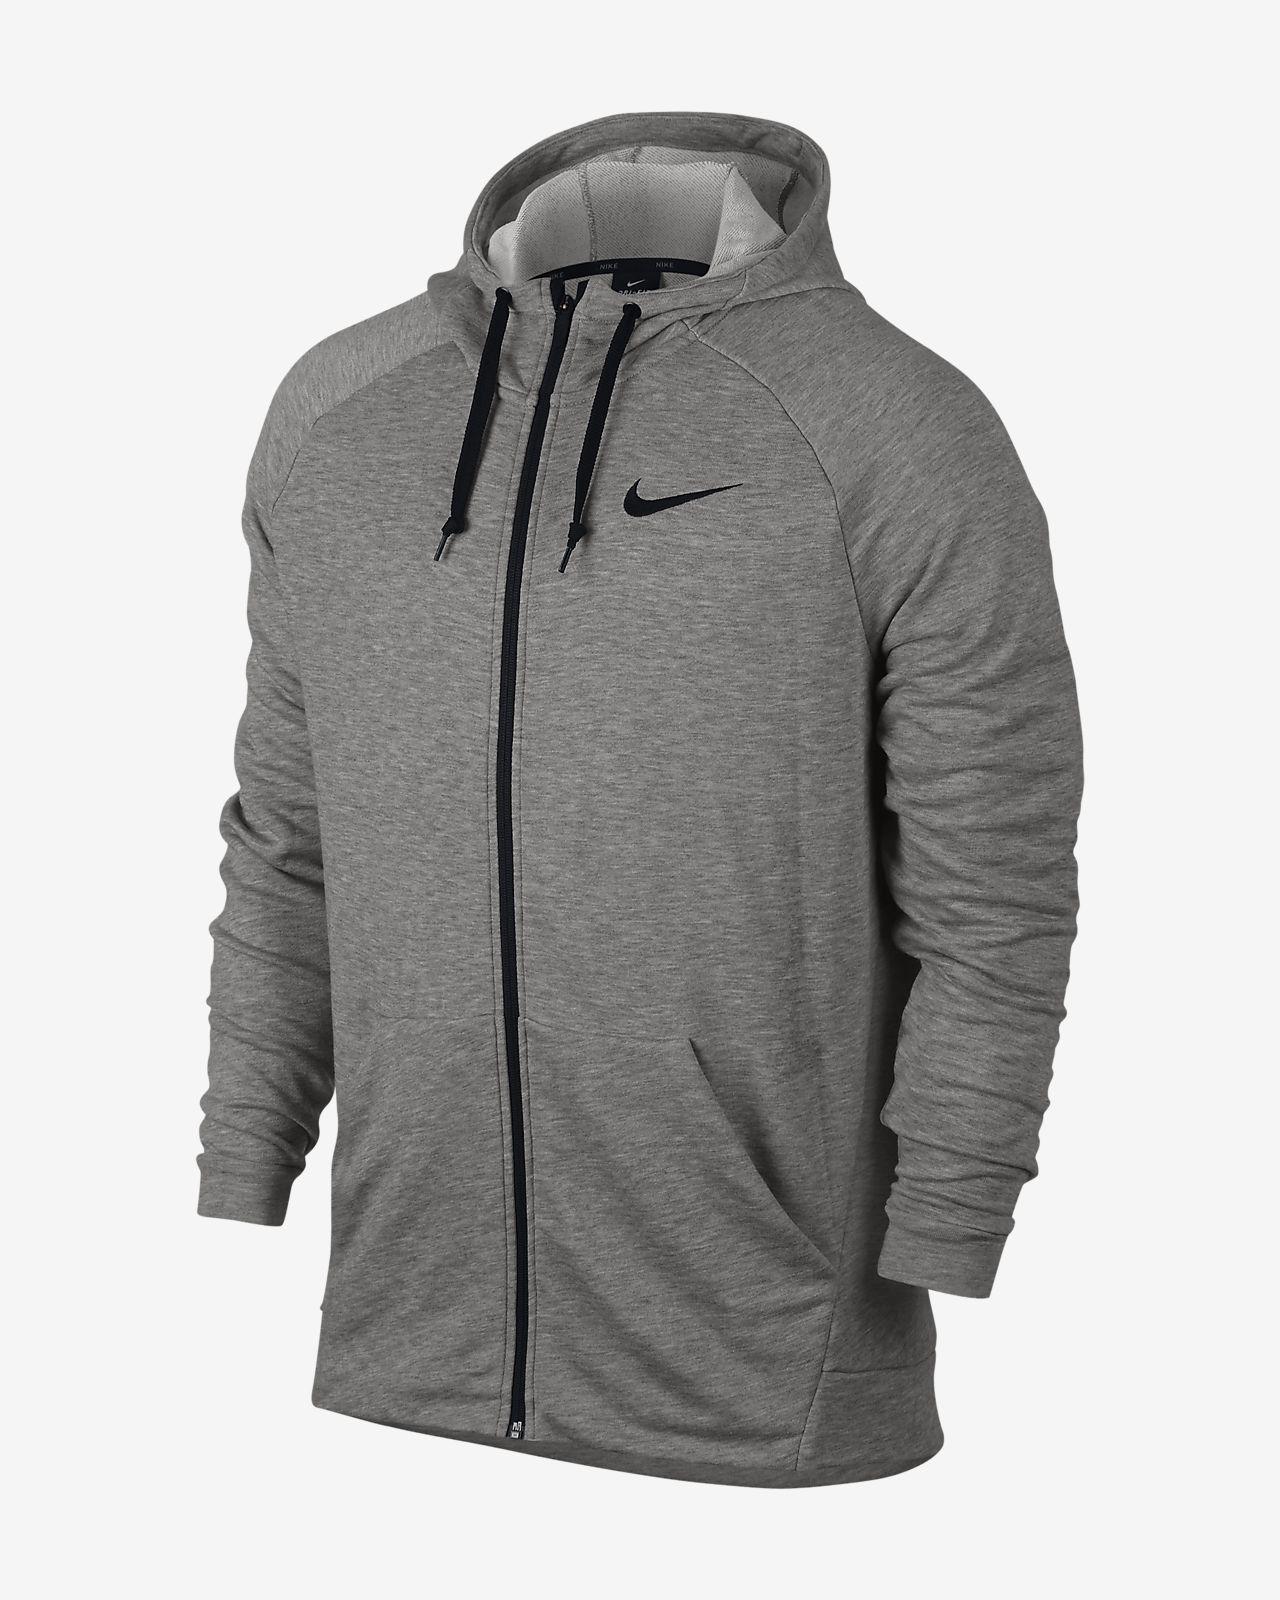 Męska bluza treningowa z kapturem i zamkiem na całej długości Nike Dri-FIT